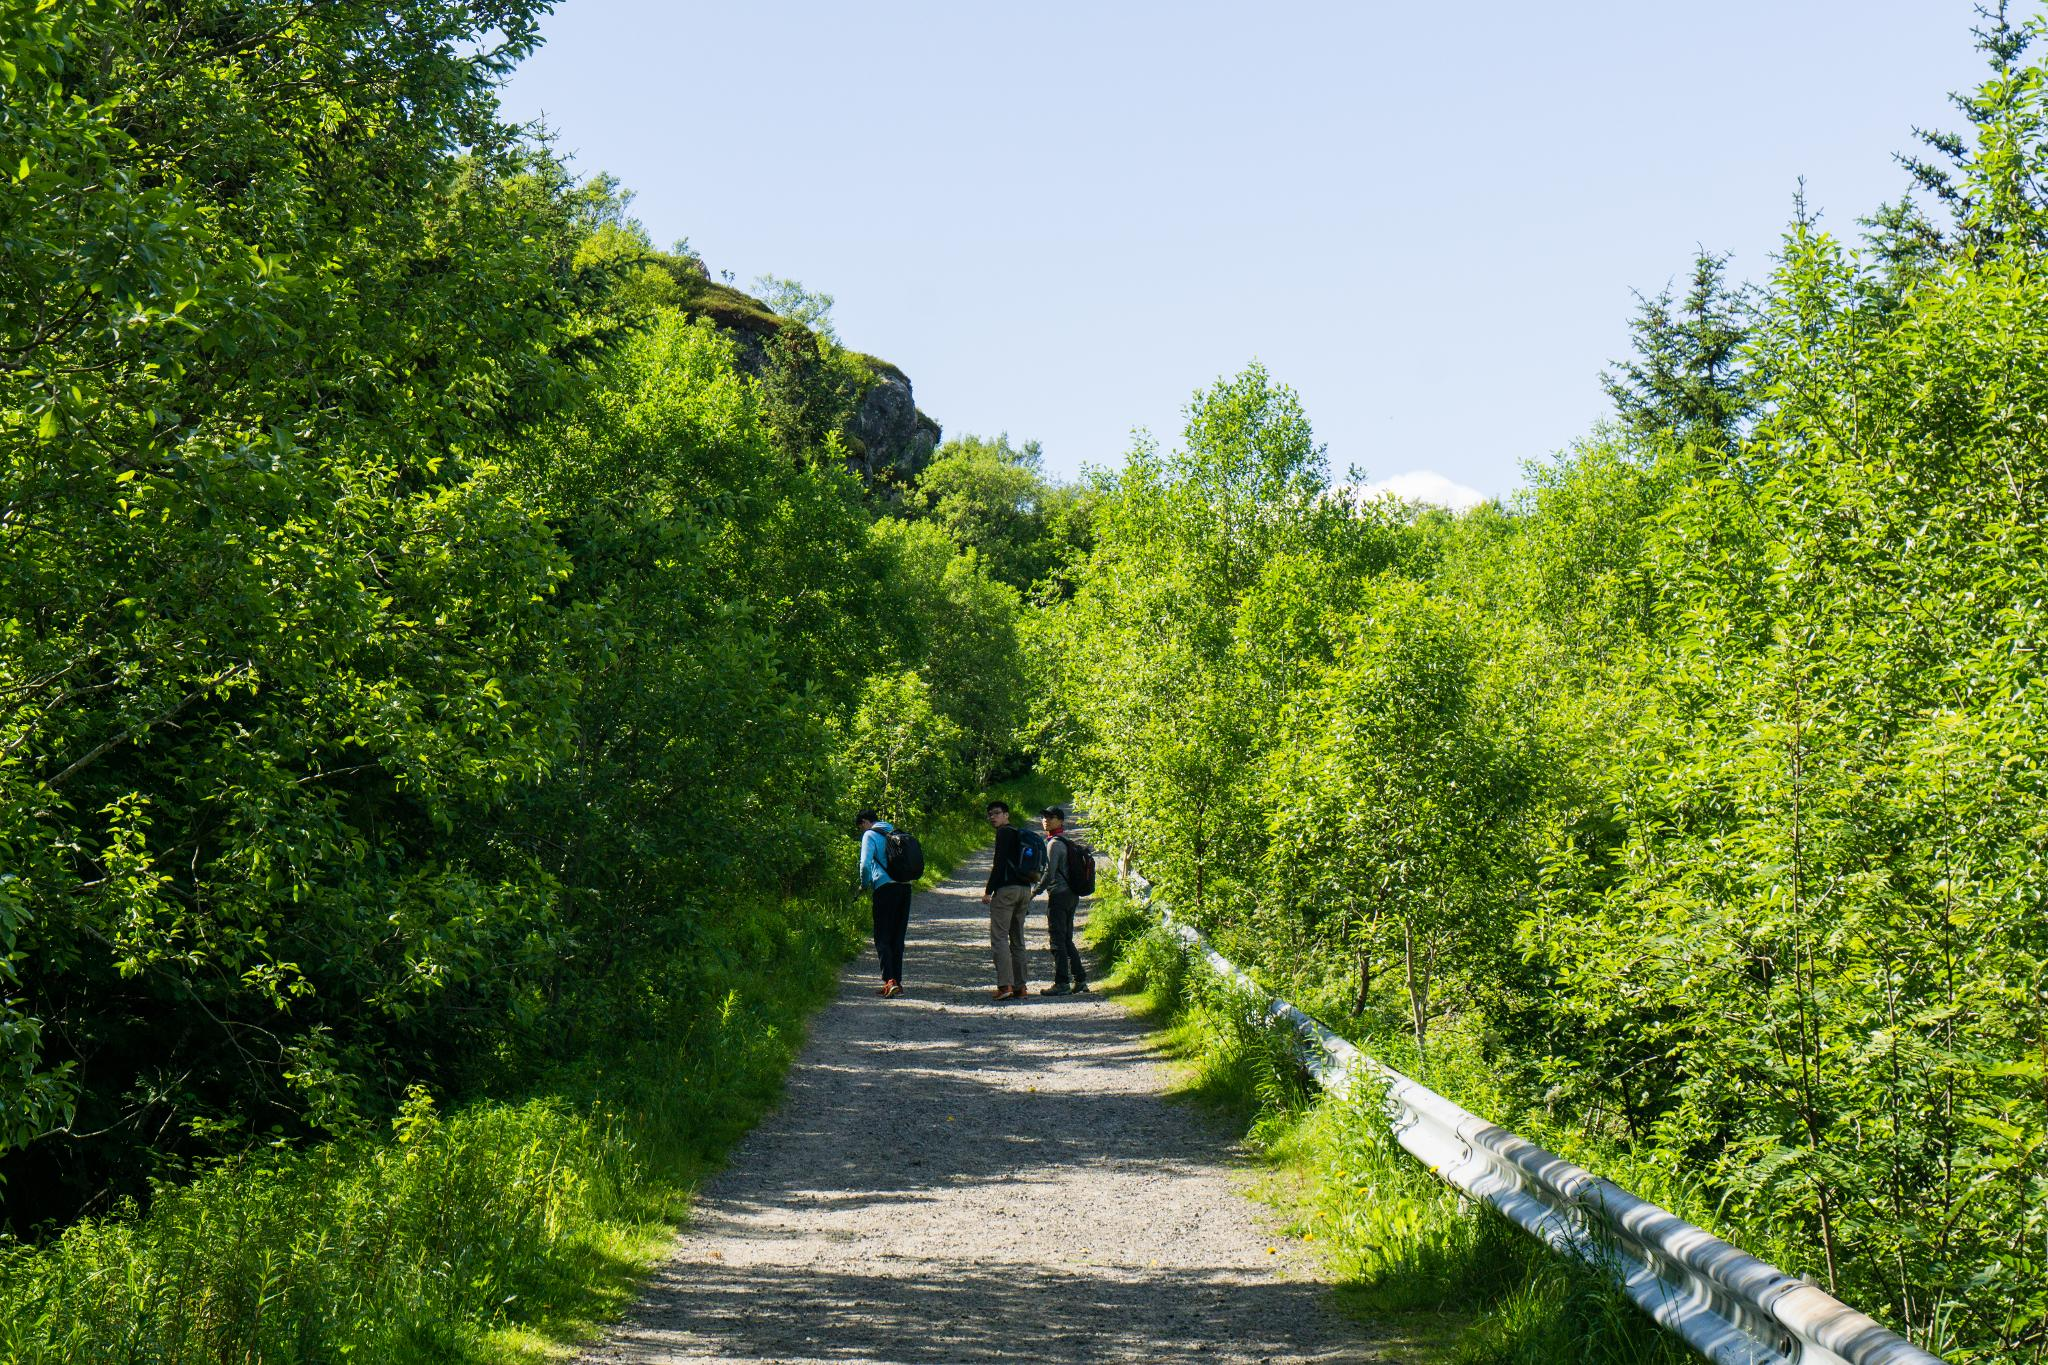 【羅弗敦群島】一次眺望兩個小鎮的人氣健行路線 - Tjeldbergtind Trail 3